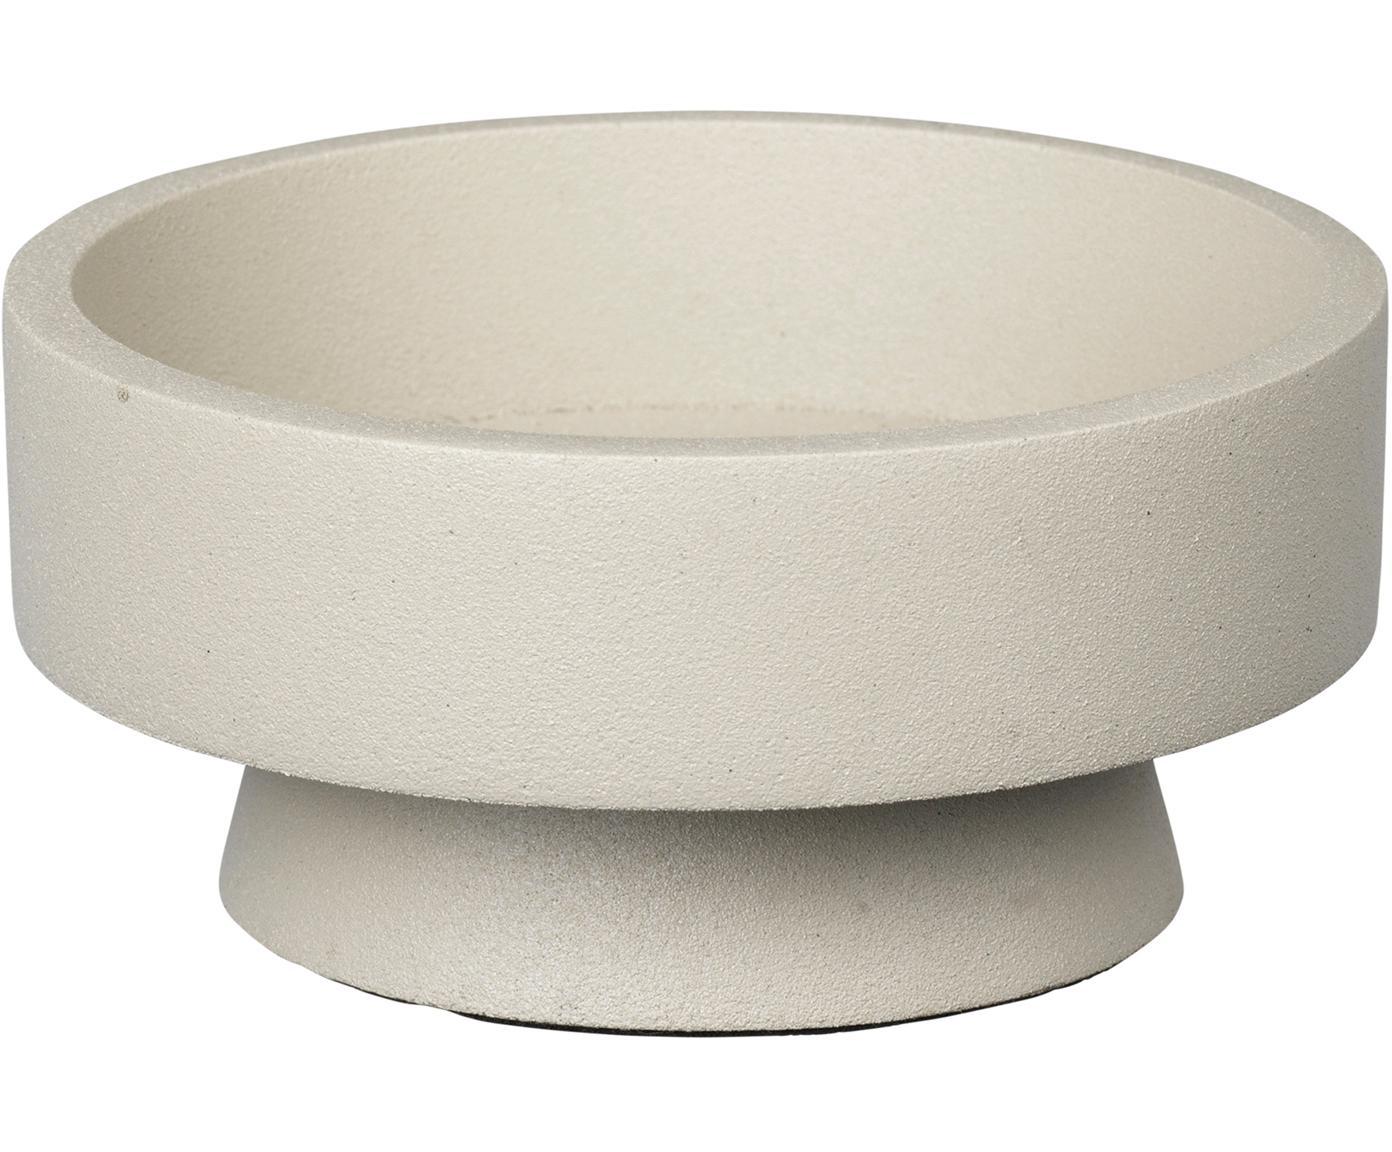 Kerzenhalter Anker, Aluminium, beschichtet, Beige, Ø 10 x H 4 cm